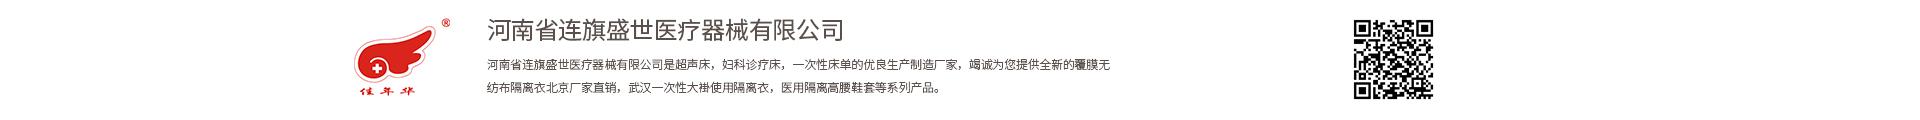 河南省连旗盛世医疗器械有限公司